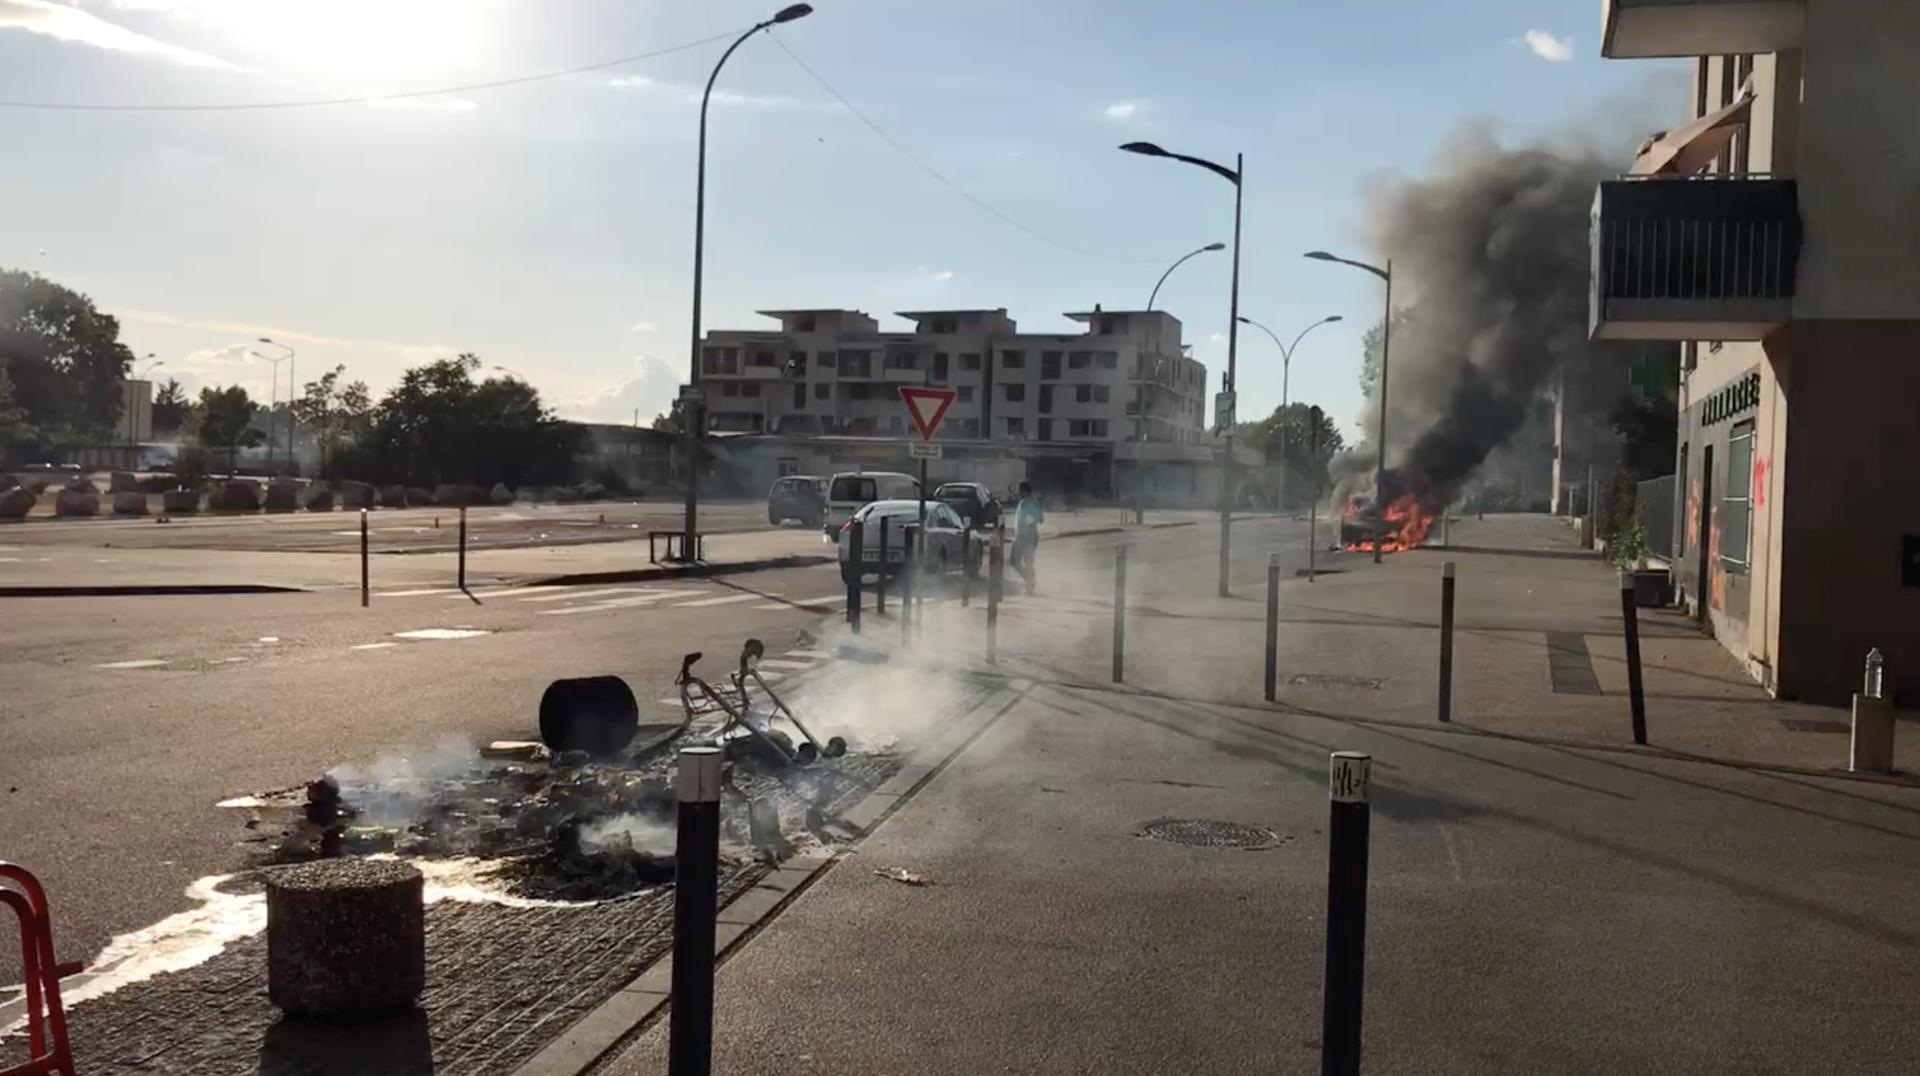 الشرطة الفرنسية تنفذ عملية أمنية في ديجون بعد أعمال شغب واسعة